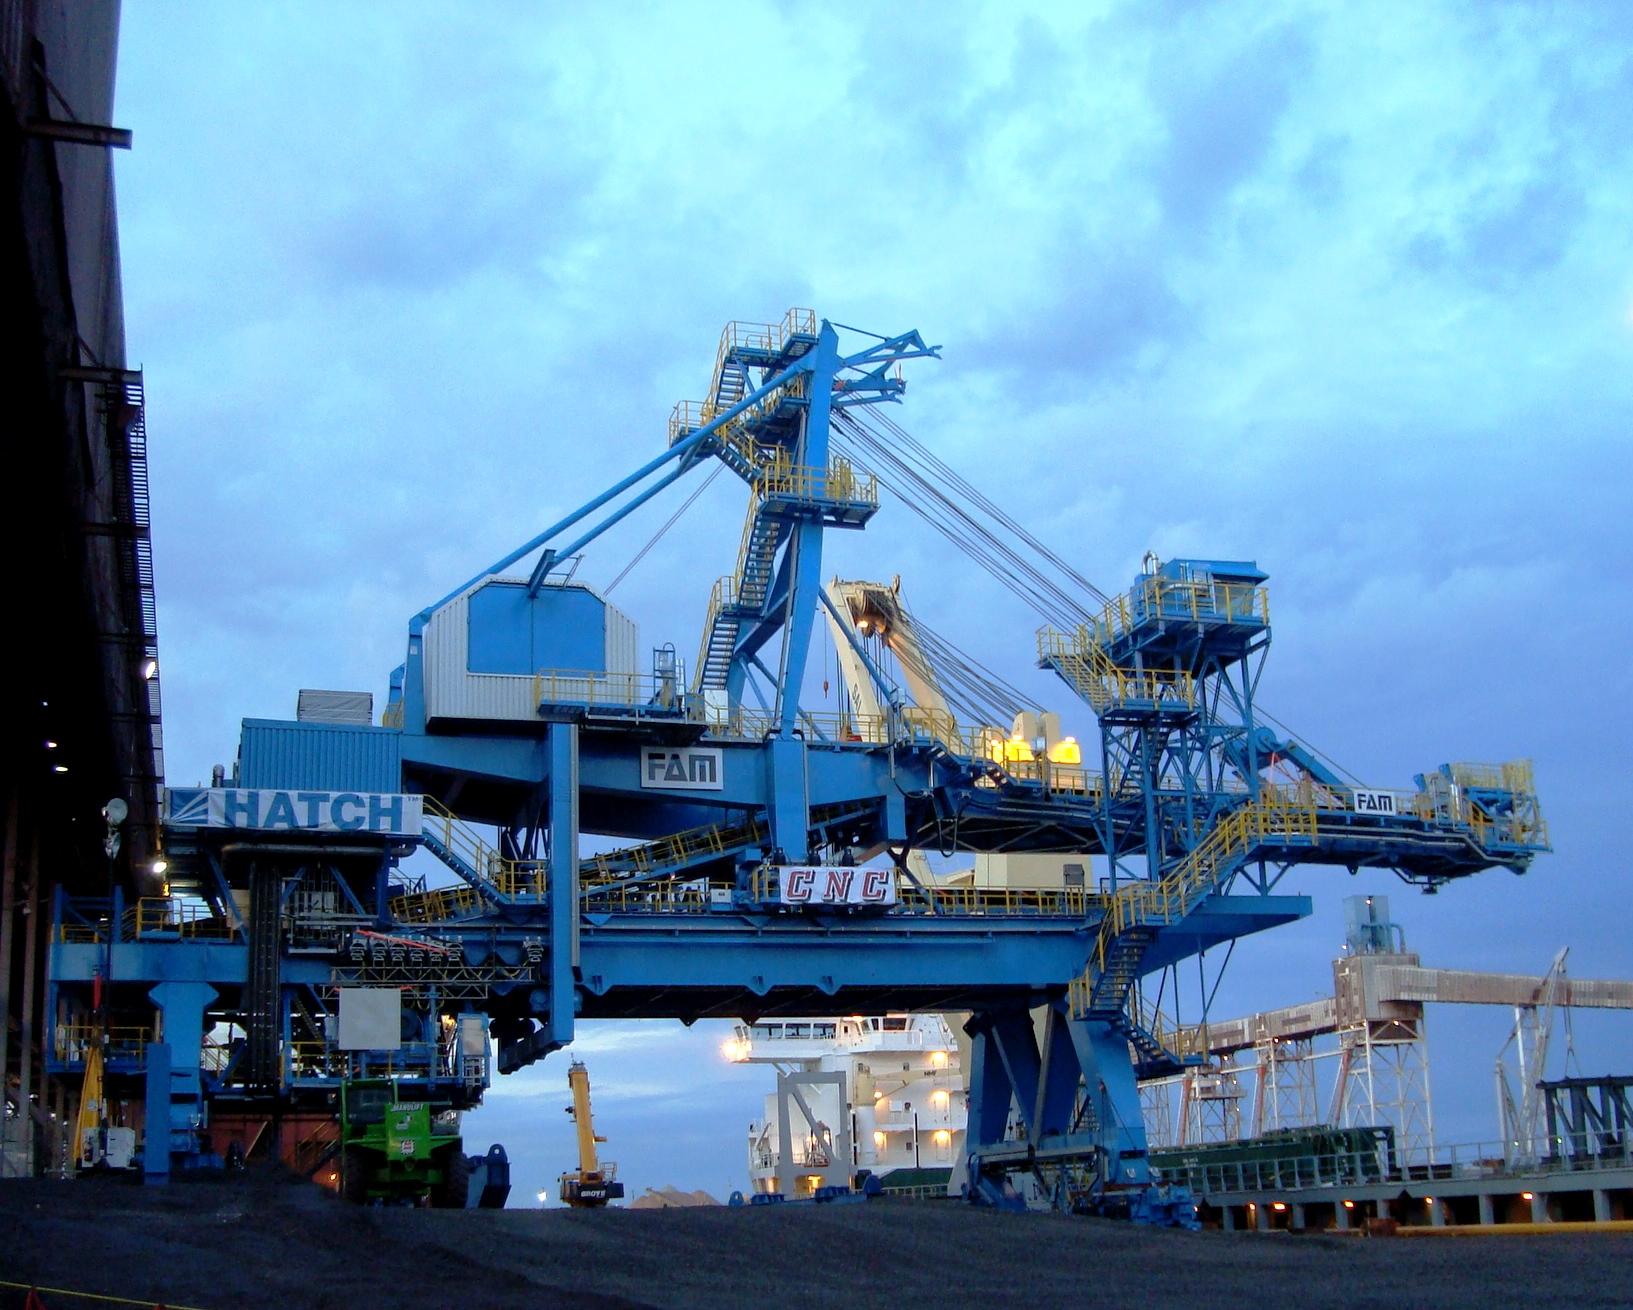 Arcelor Mittal -Chargeur de navire - Ship loader